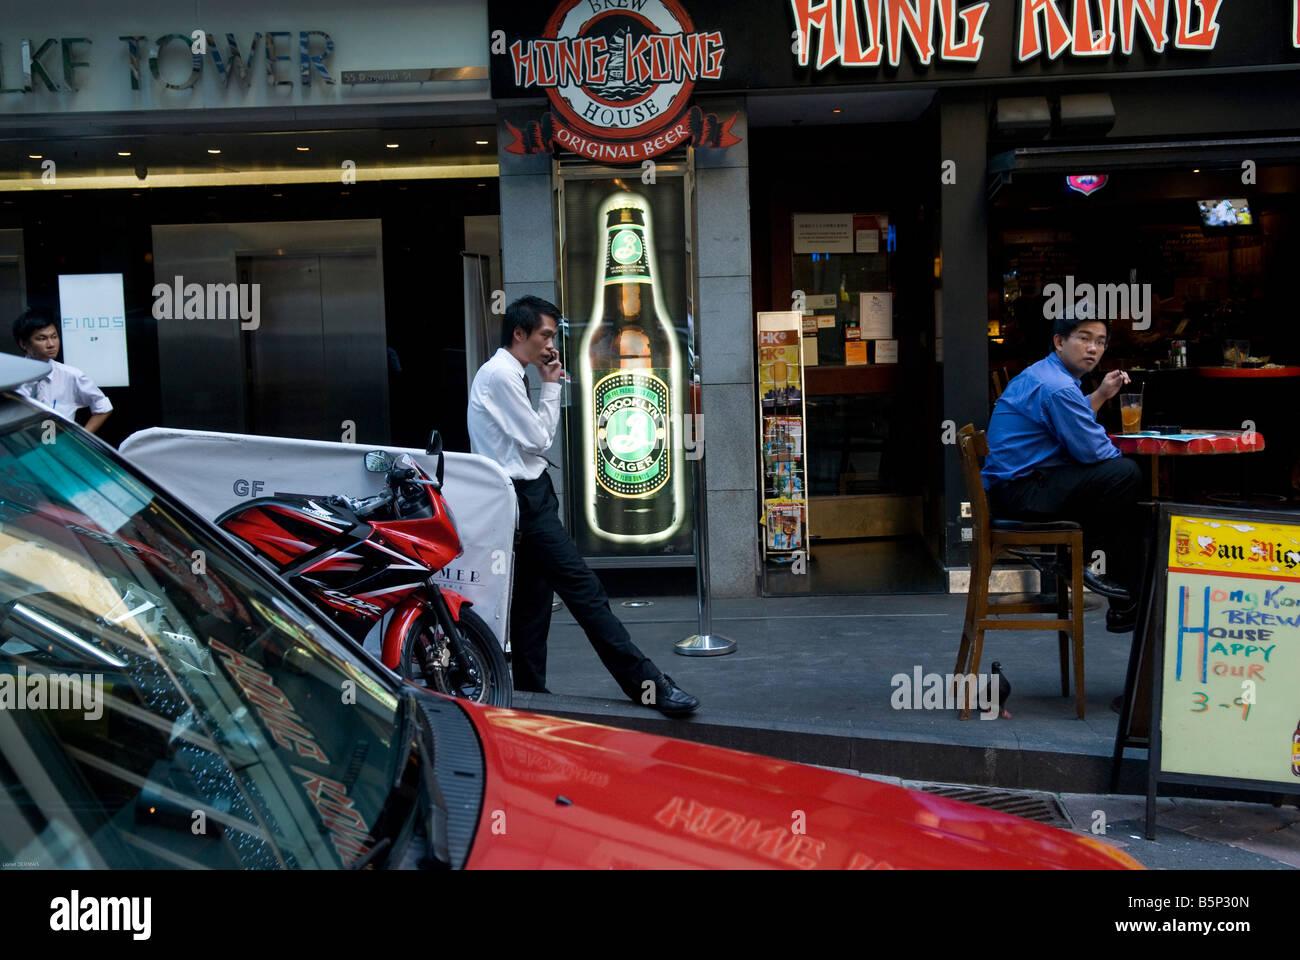 A bar in Hong Kong. - Stock Image